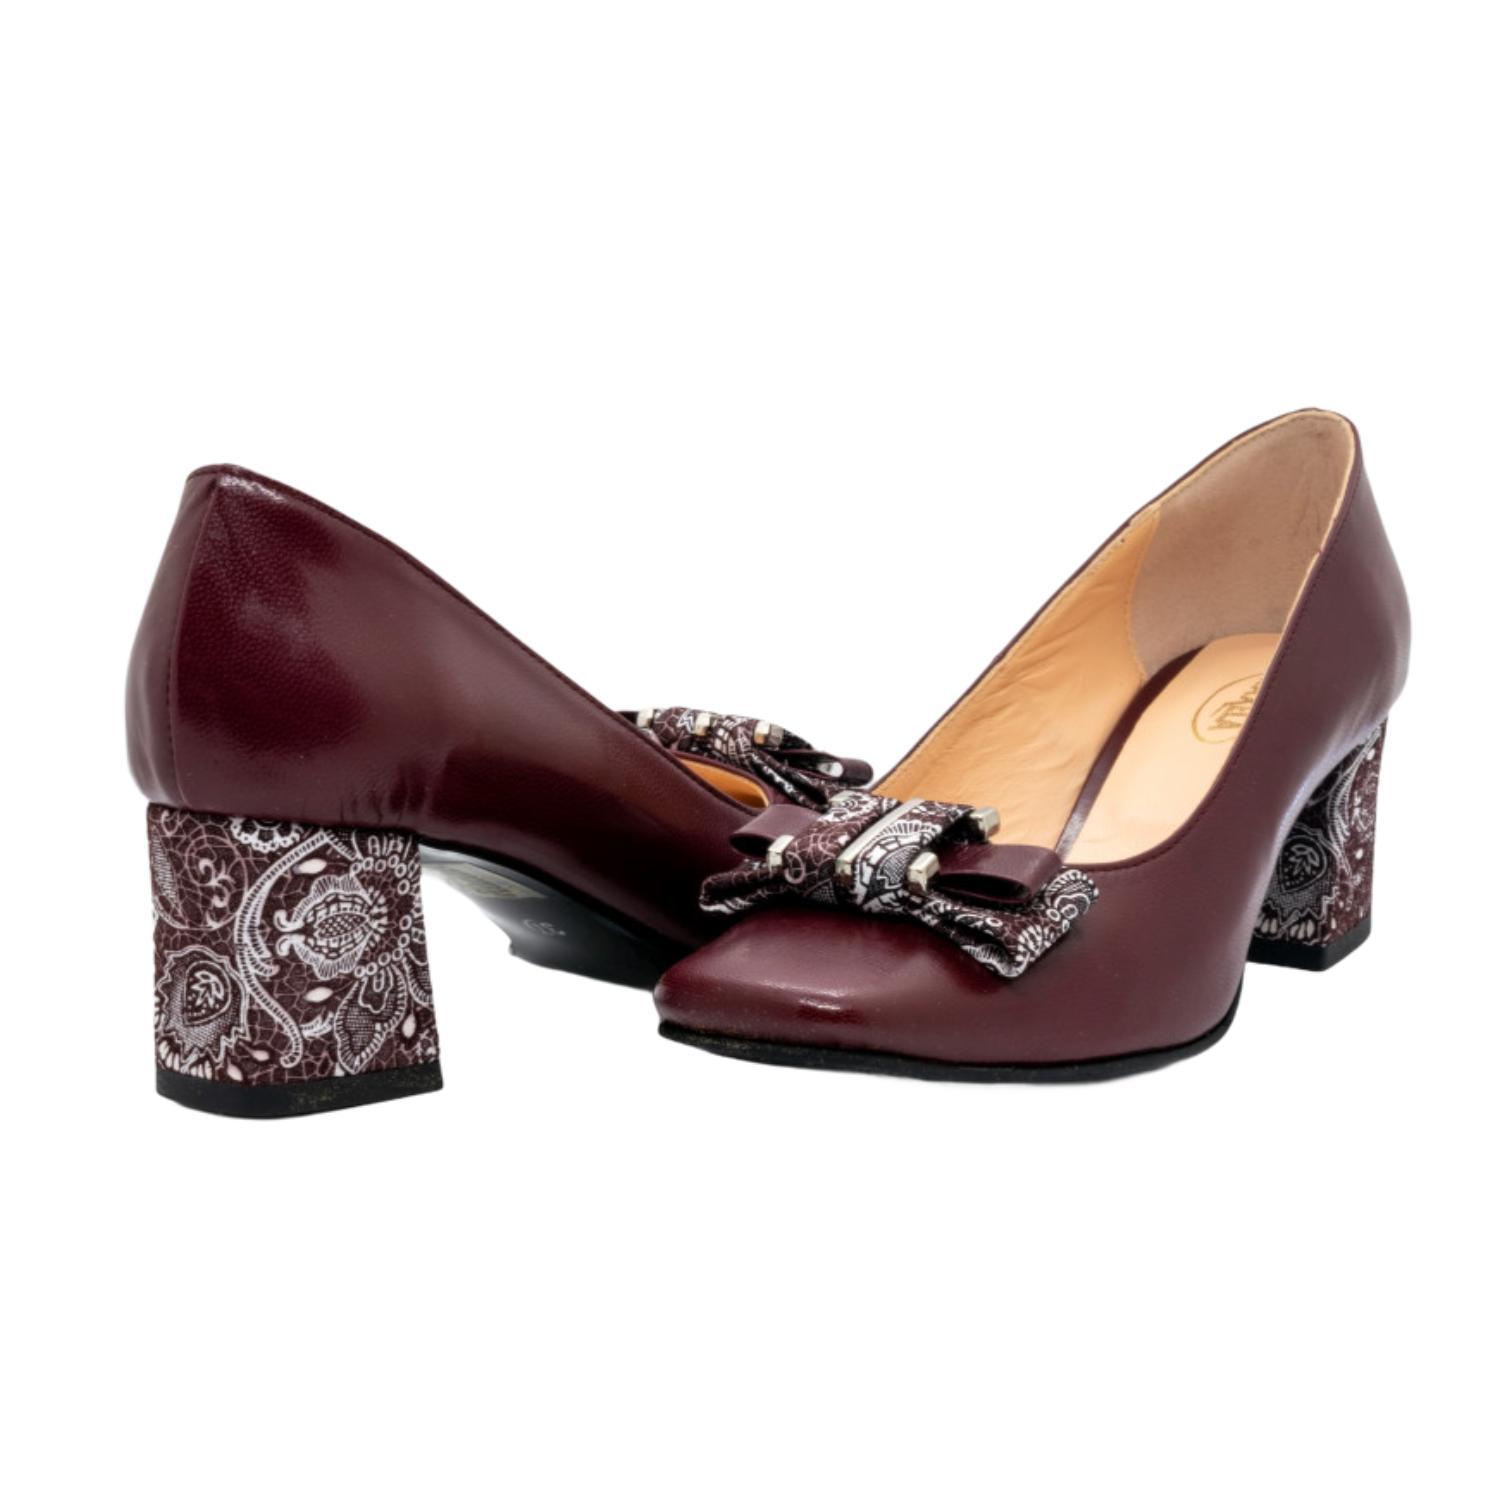 Pantofi bordo